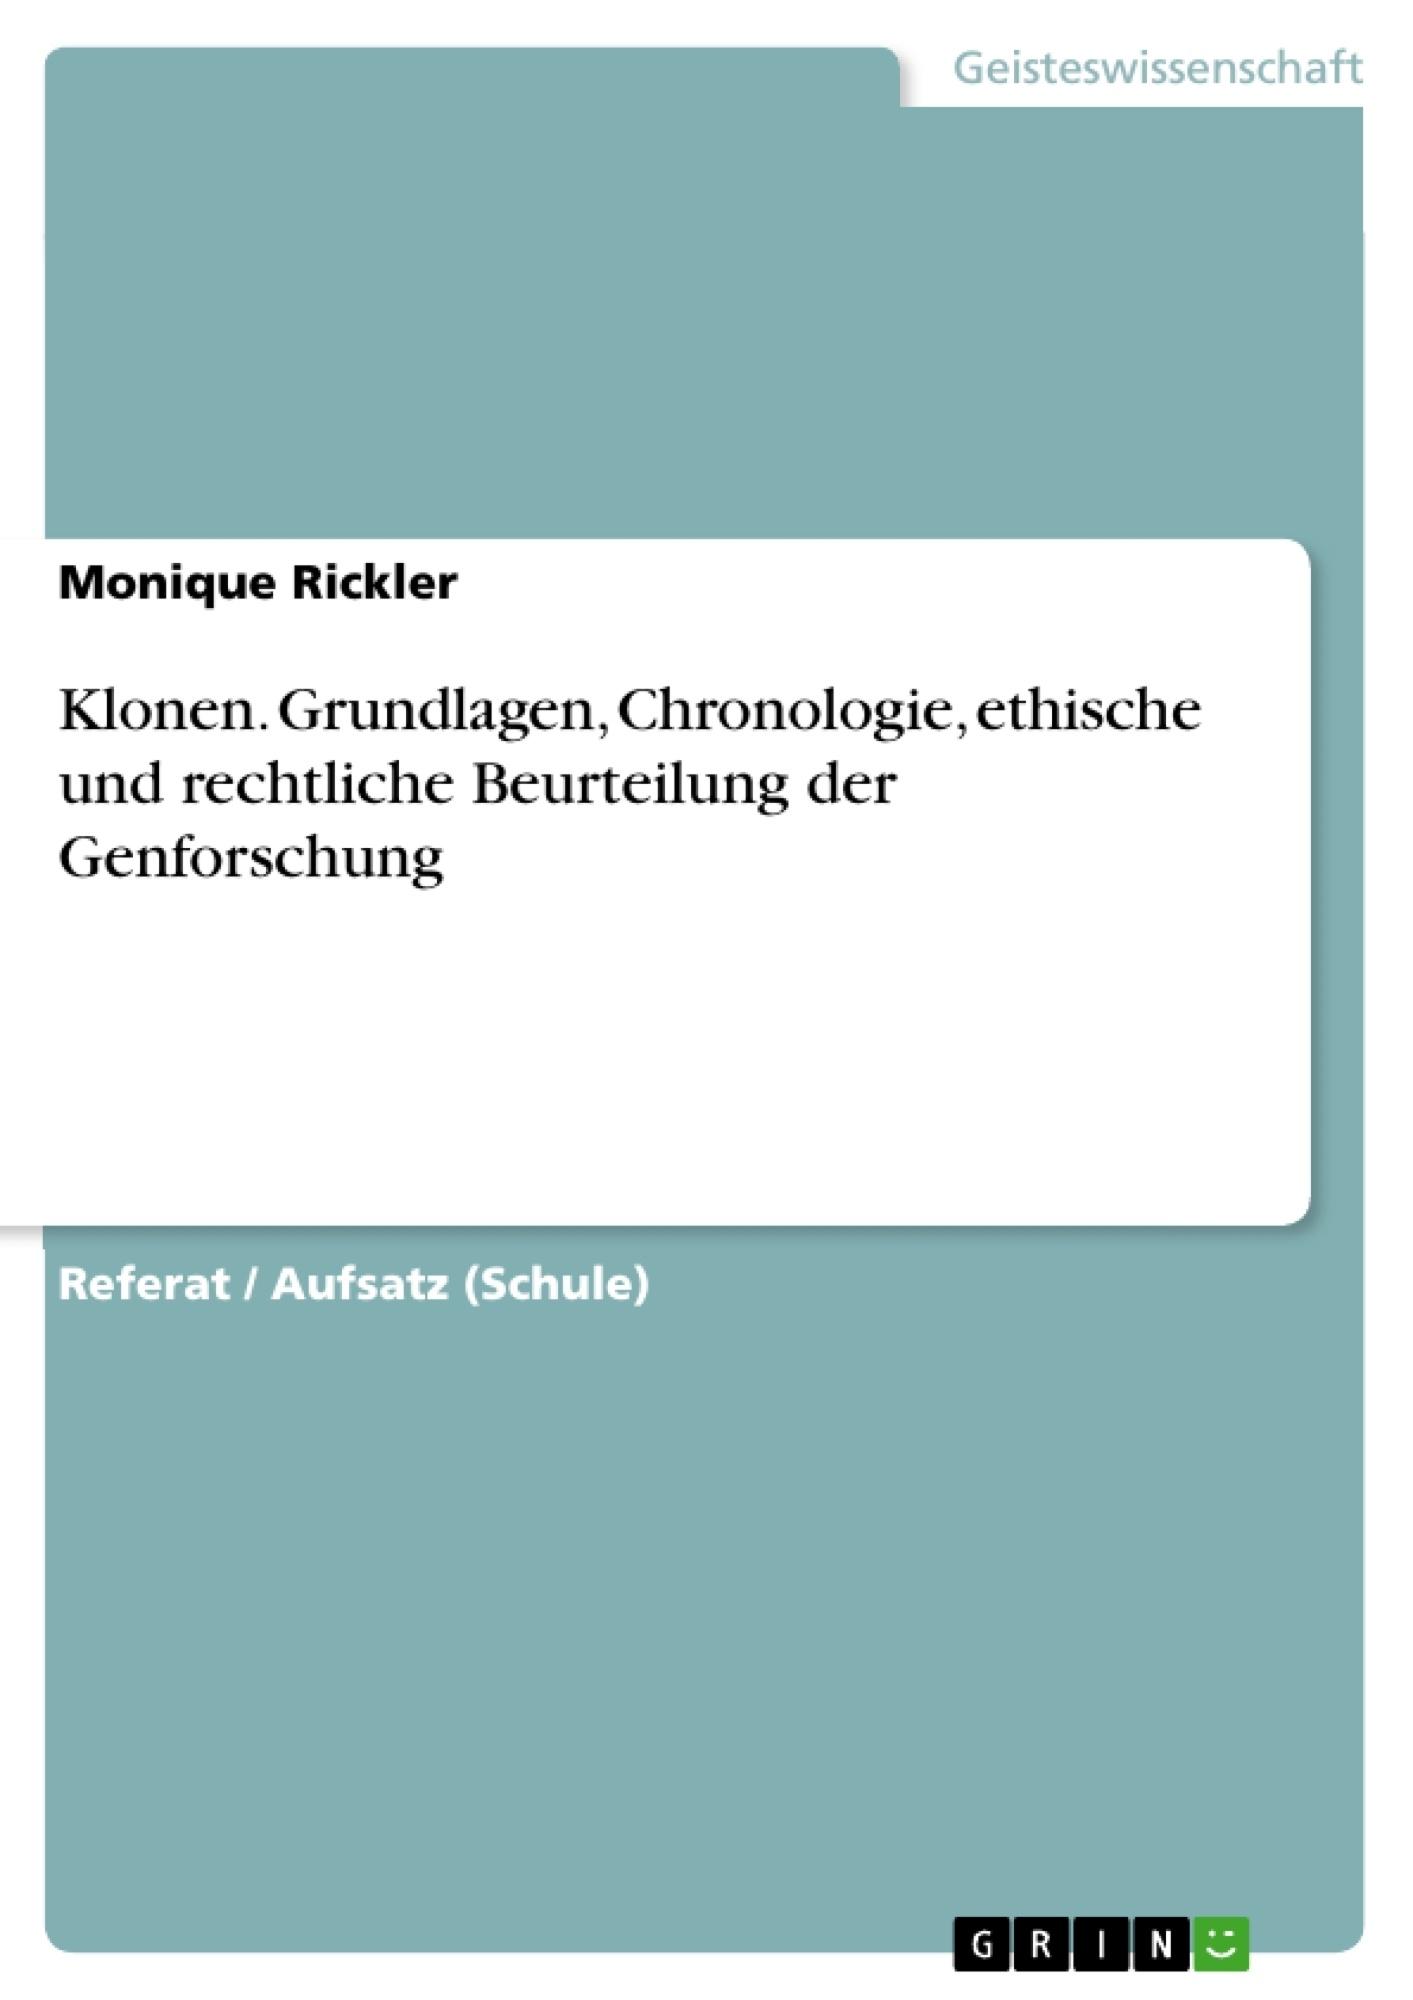 Titel: Klonen. Grundlagen, Chronologie, ethische und rechtliche Beurteilung der Genforschung